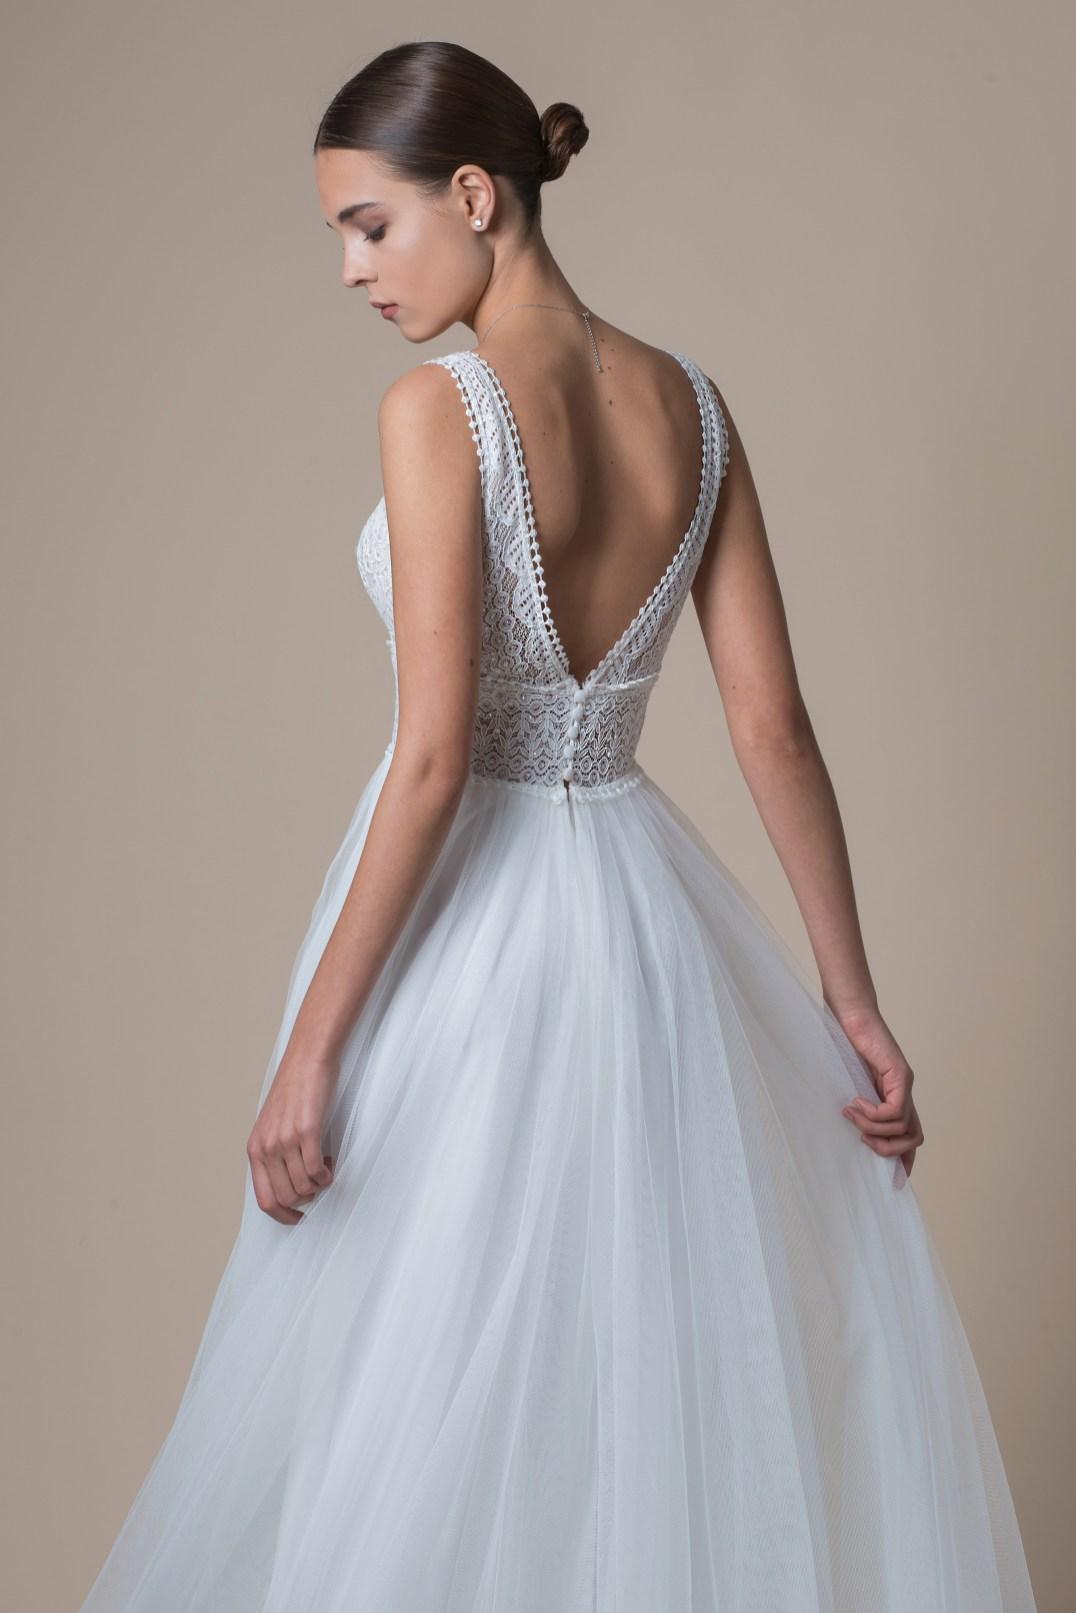 MiaMia McKenzie bridal gown